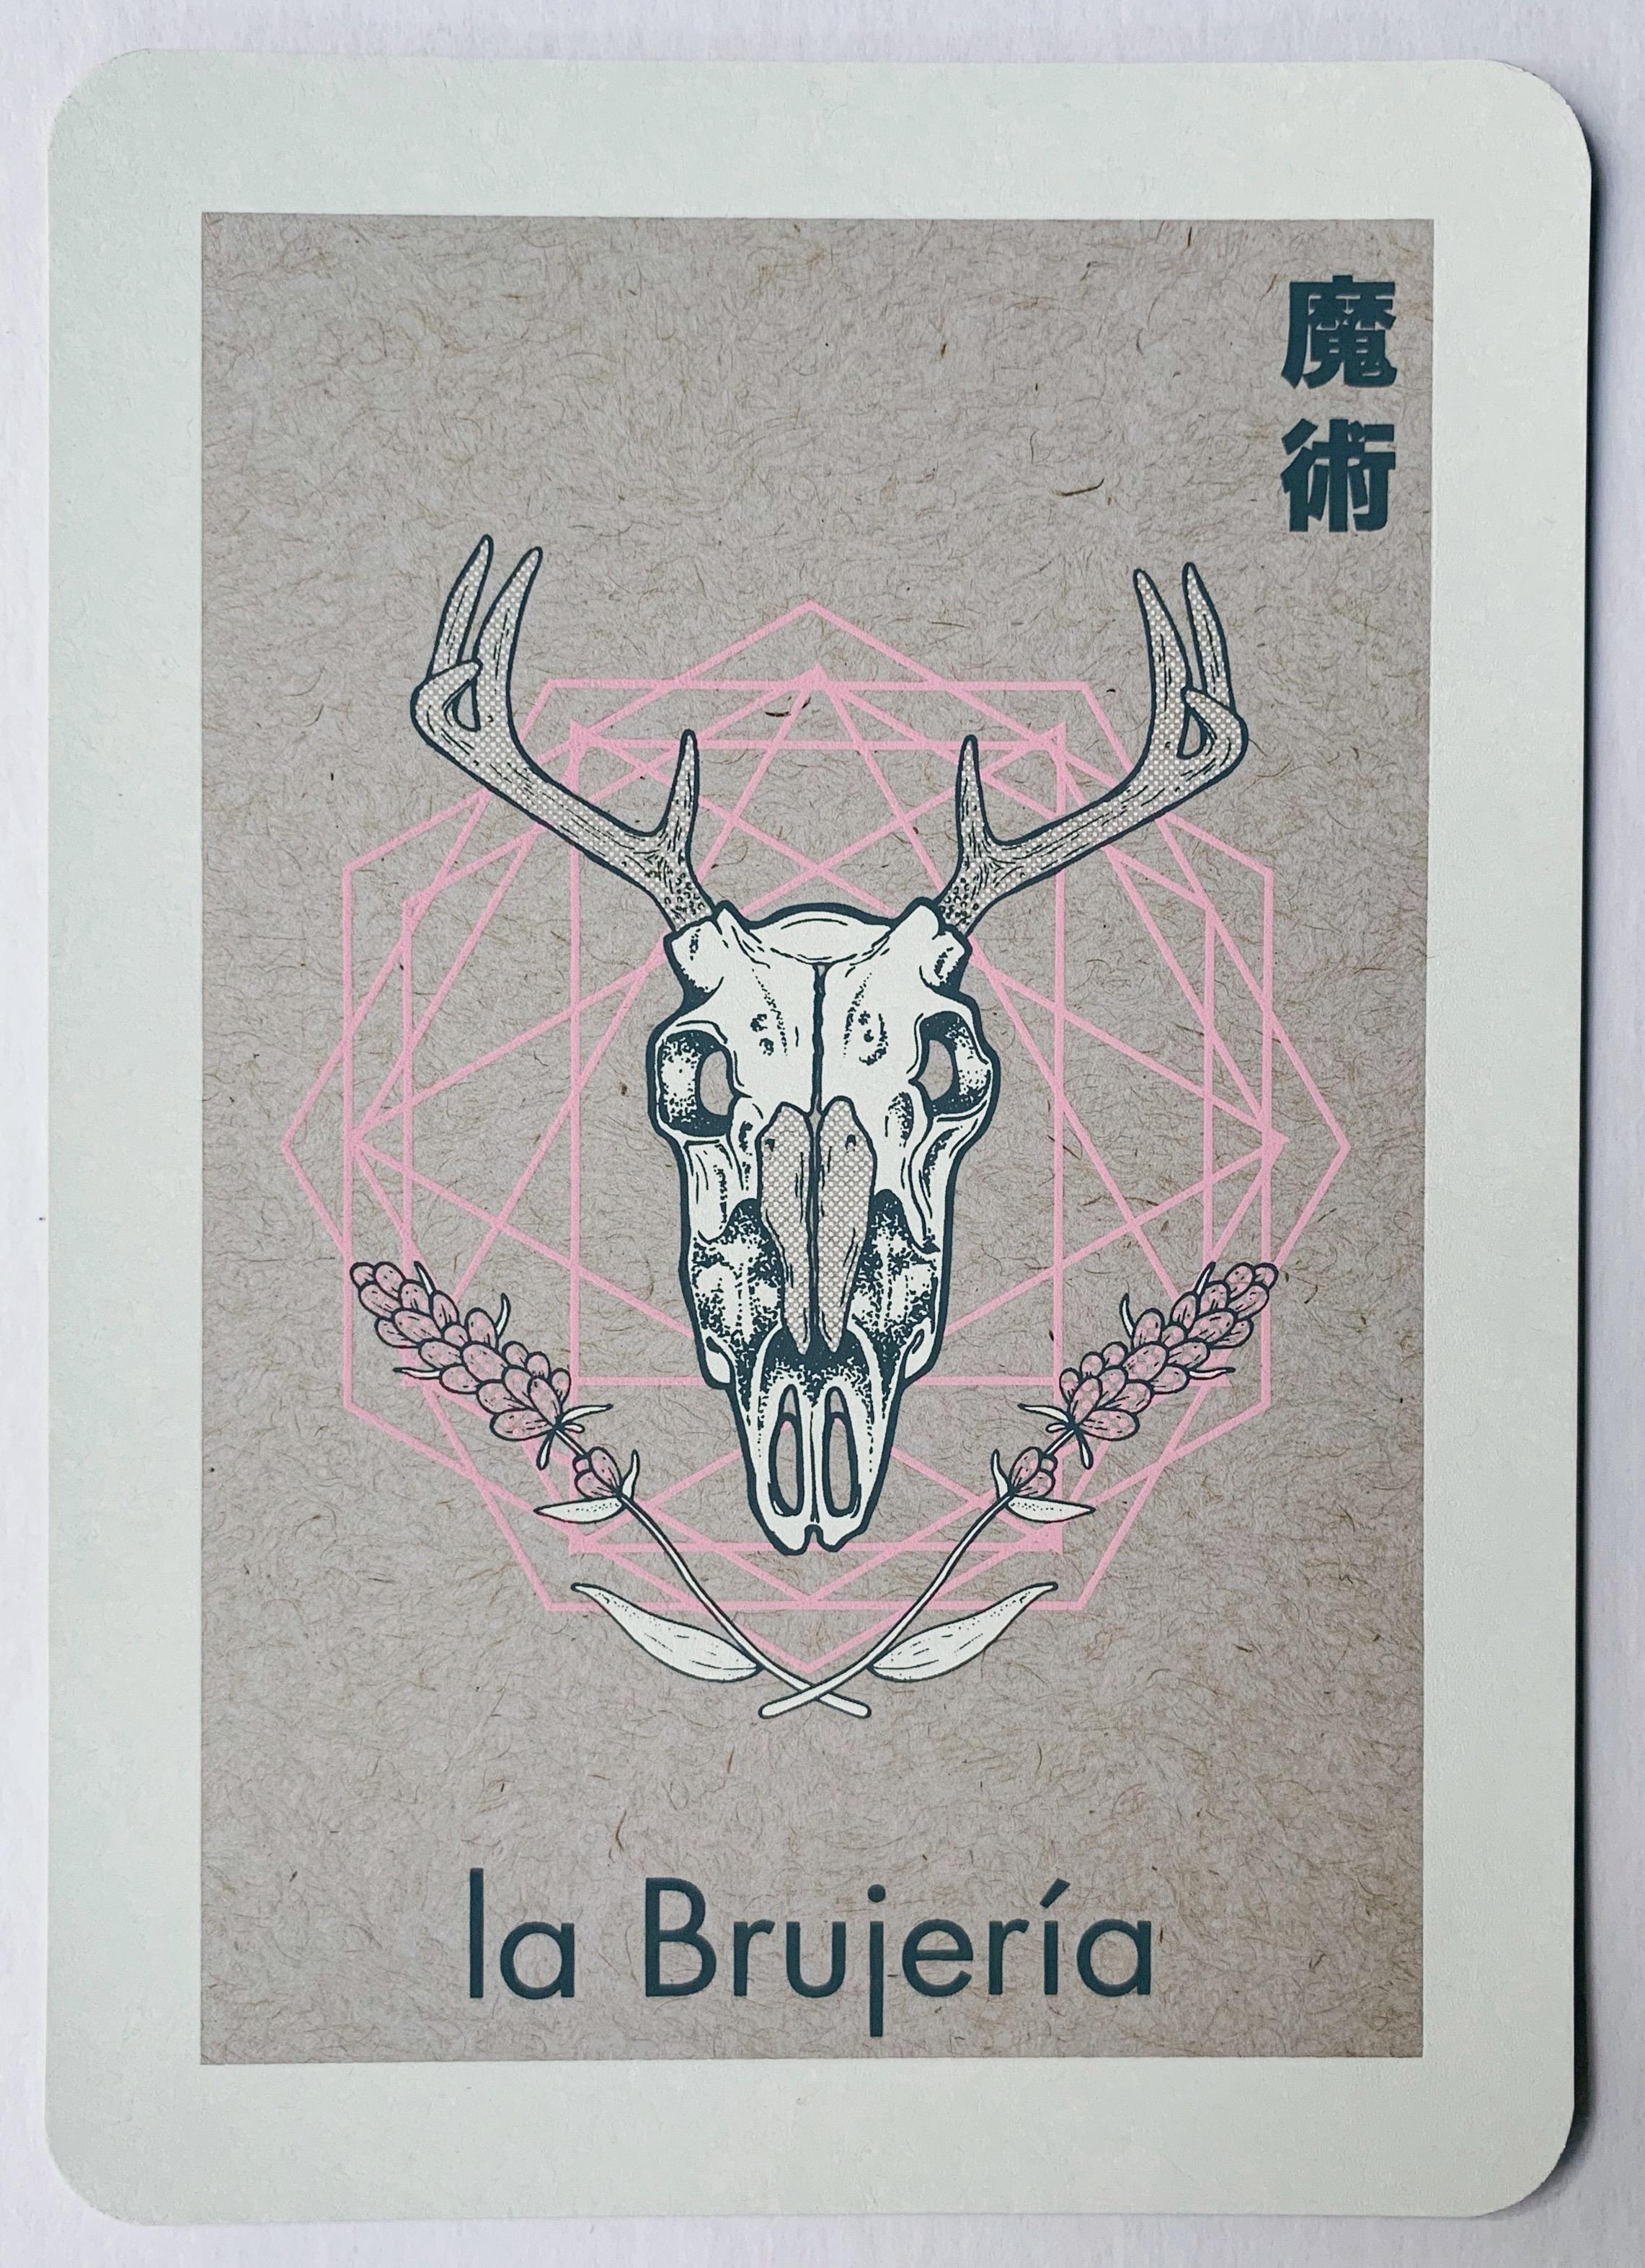 la Brujería, serigraphy, 2018